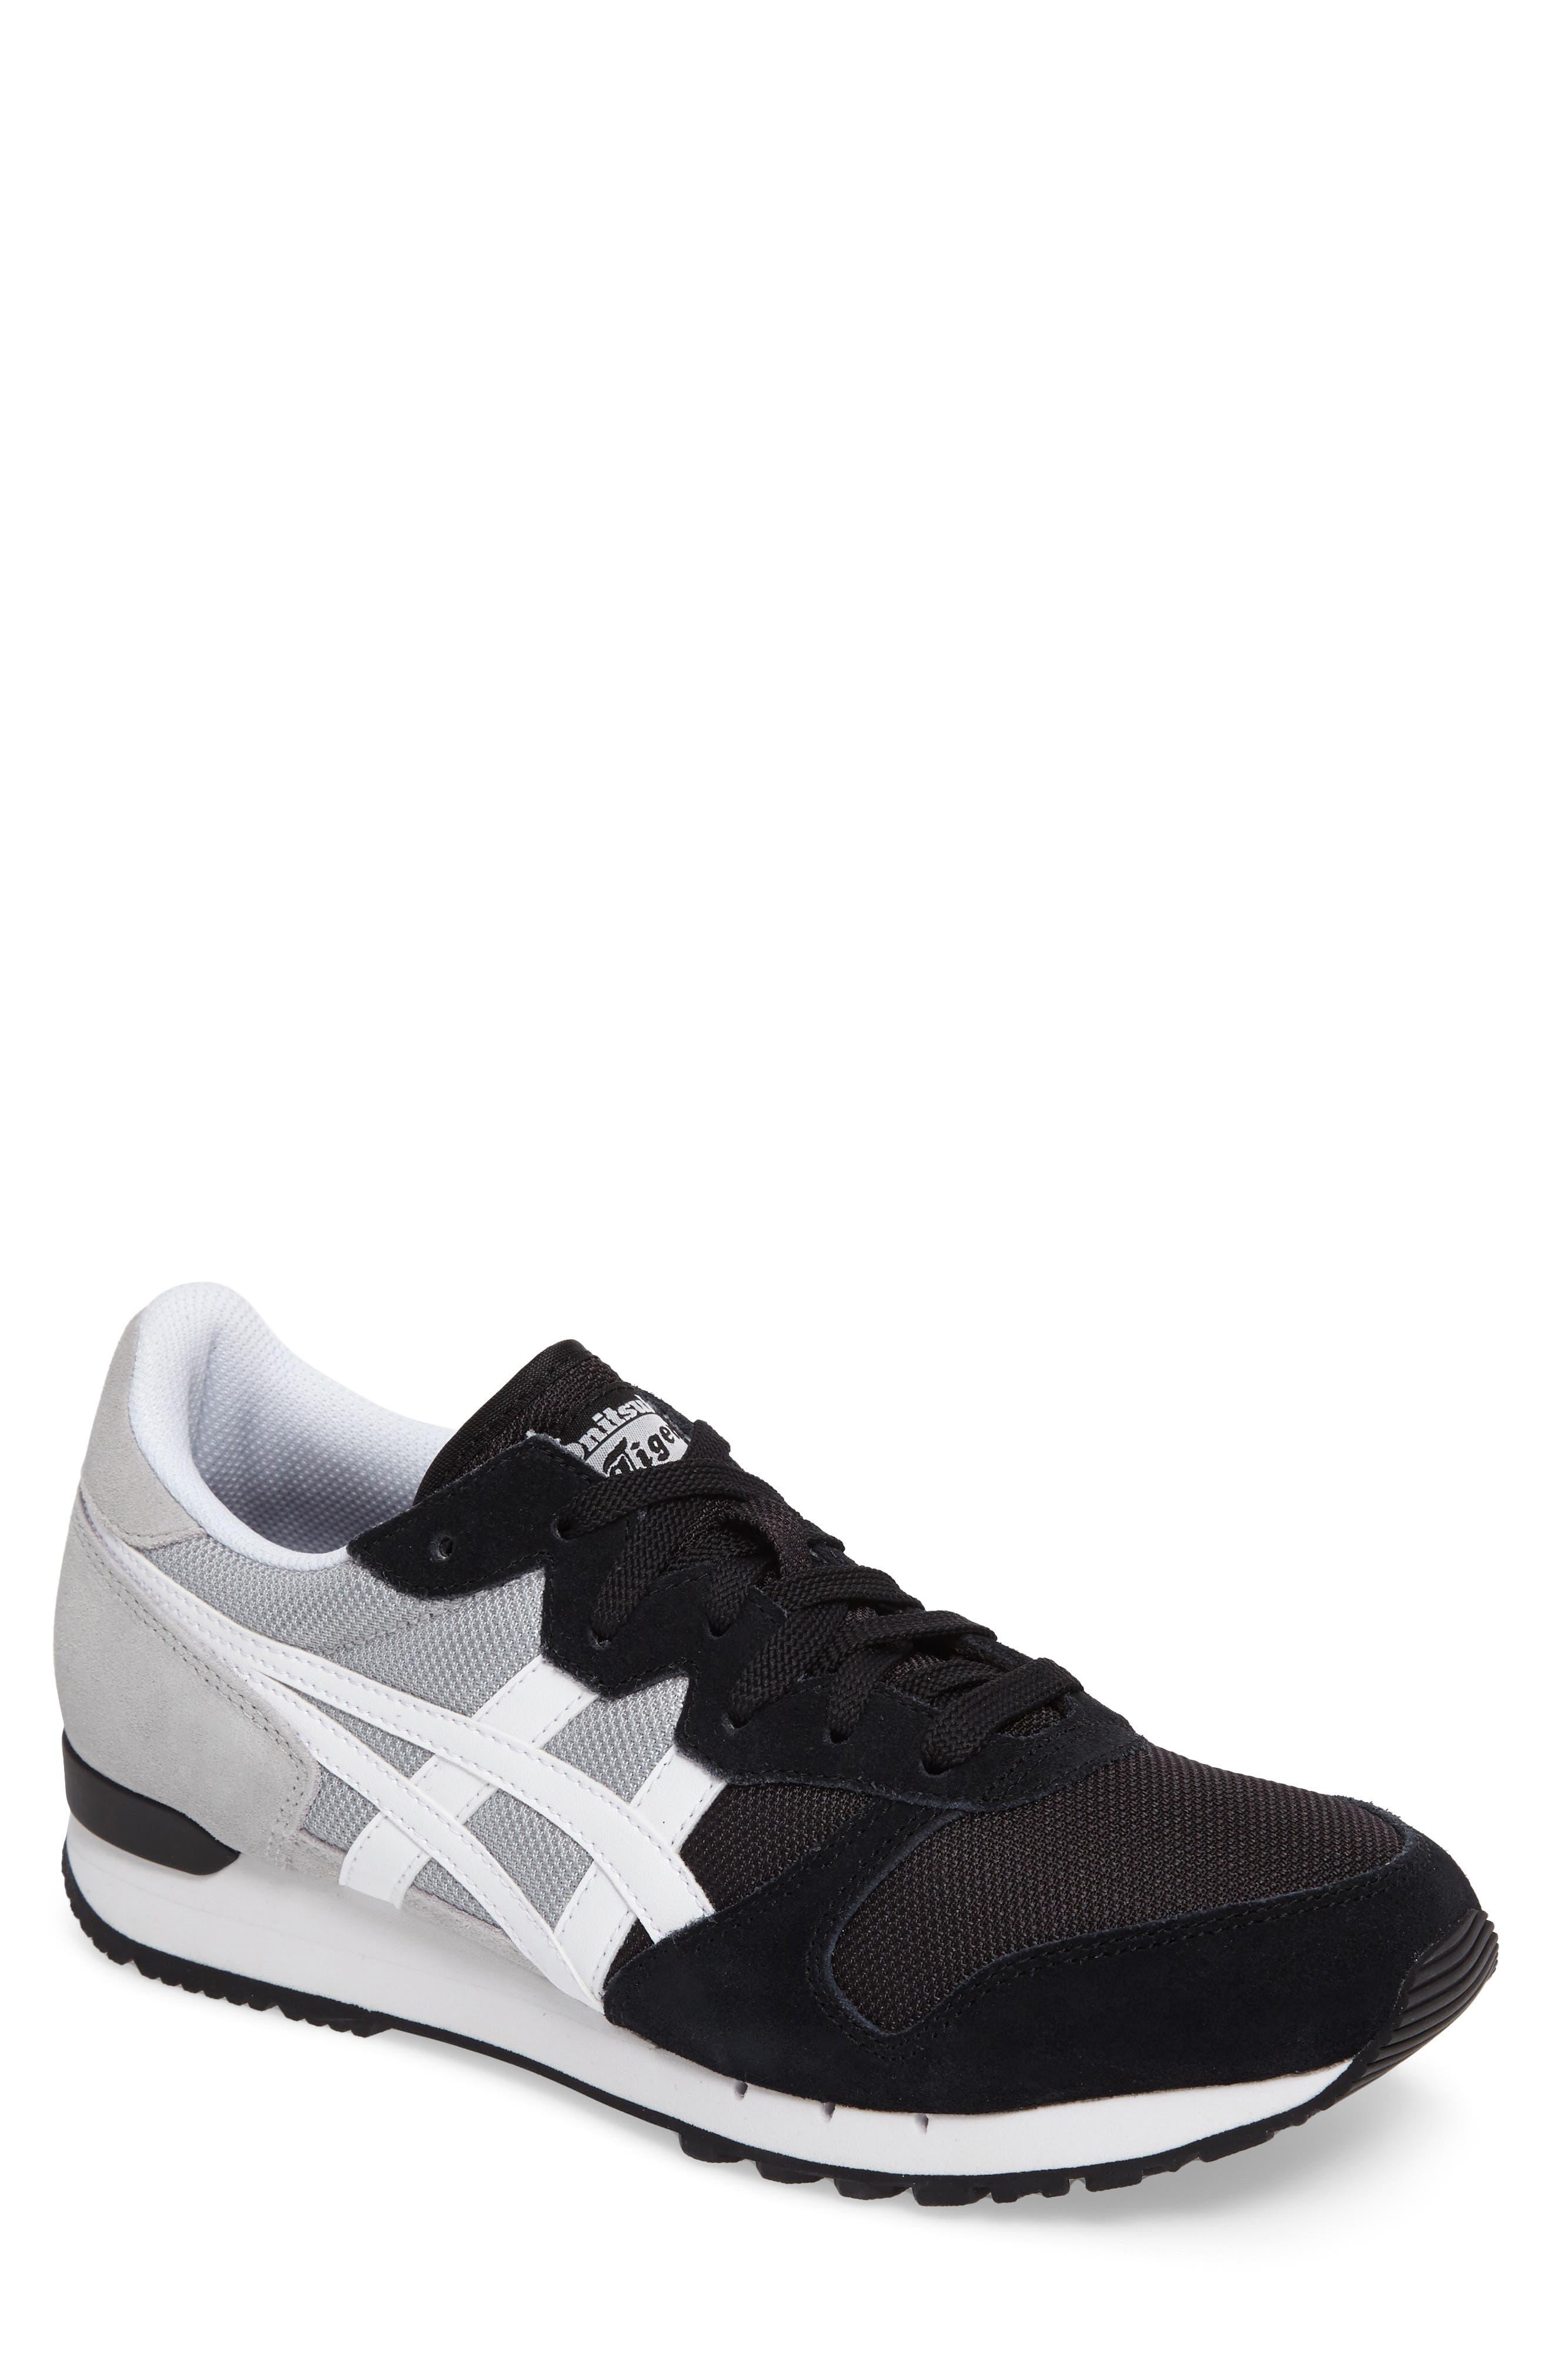 Onitsuka Tiger 'Alvarado' Sneaker,                             Main thumbnail 1, color,                             Mid Grey/ White